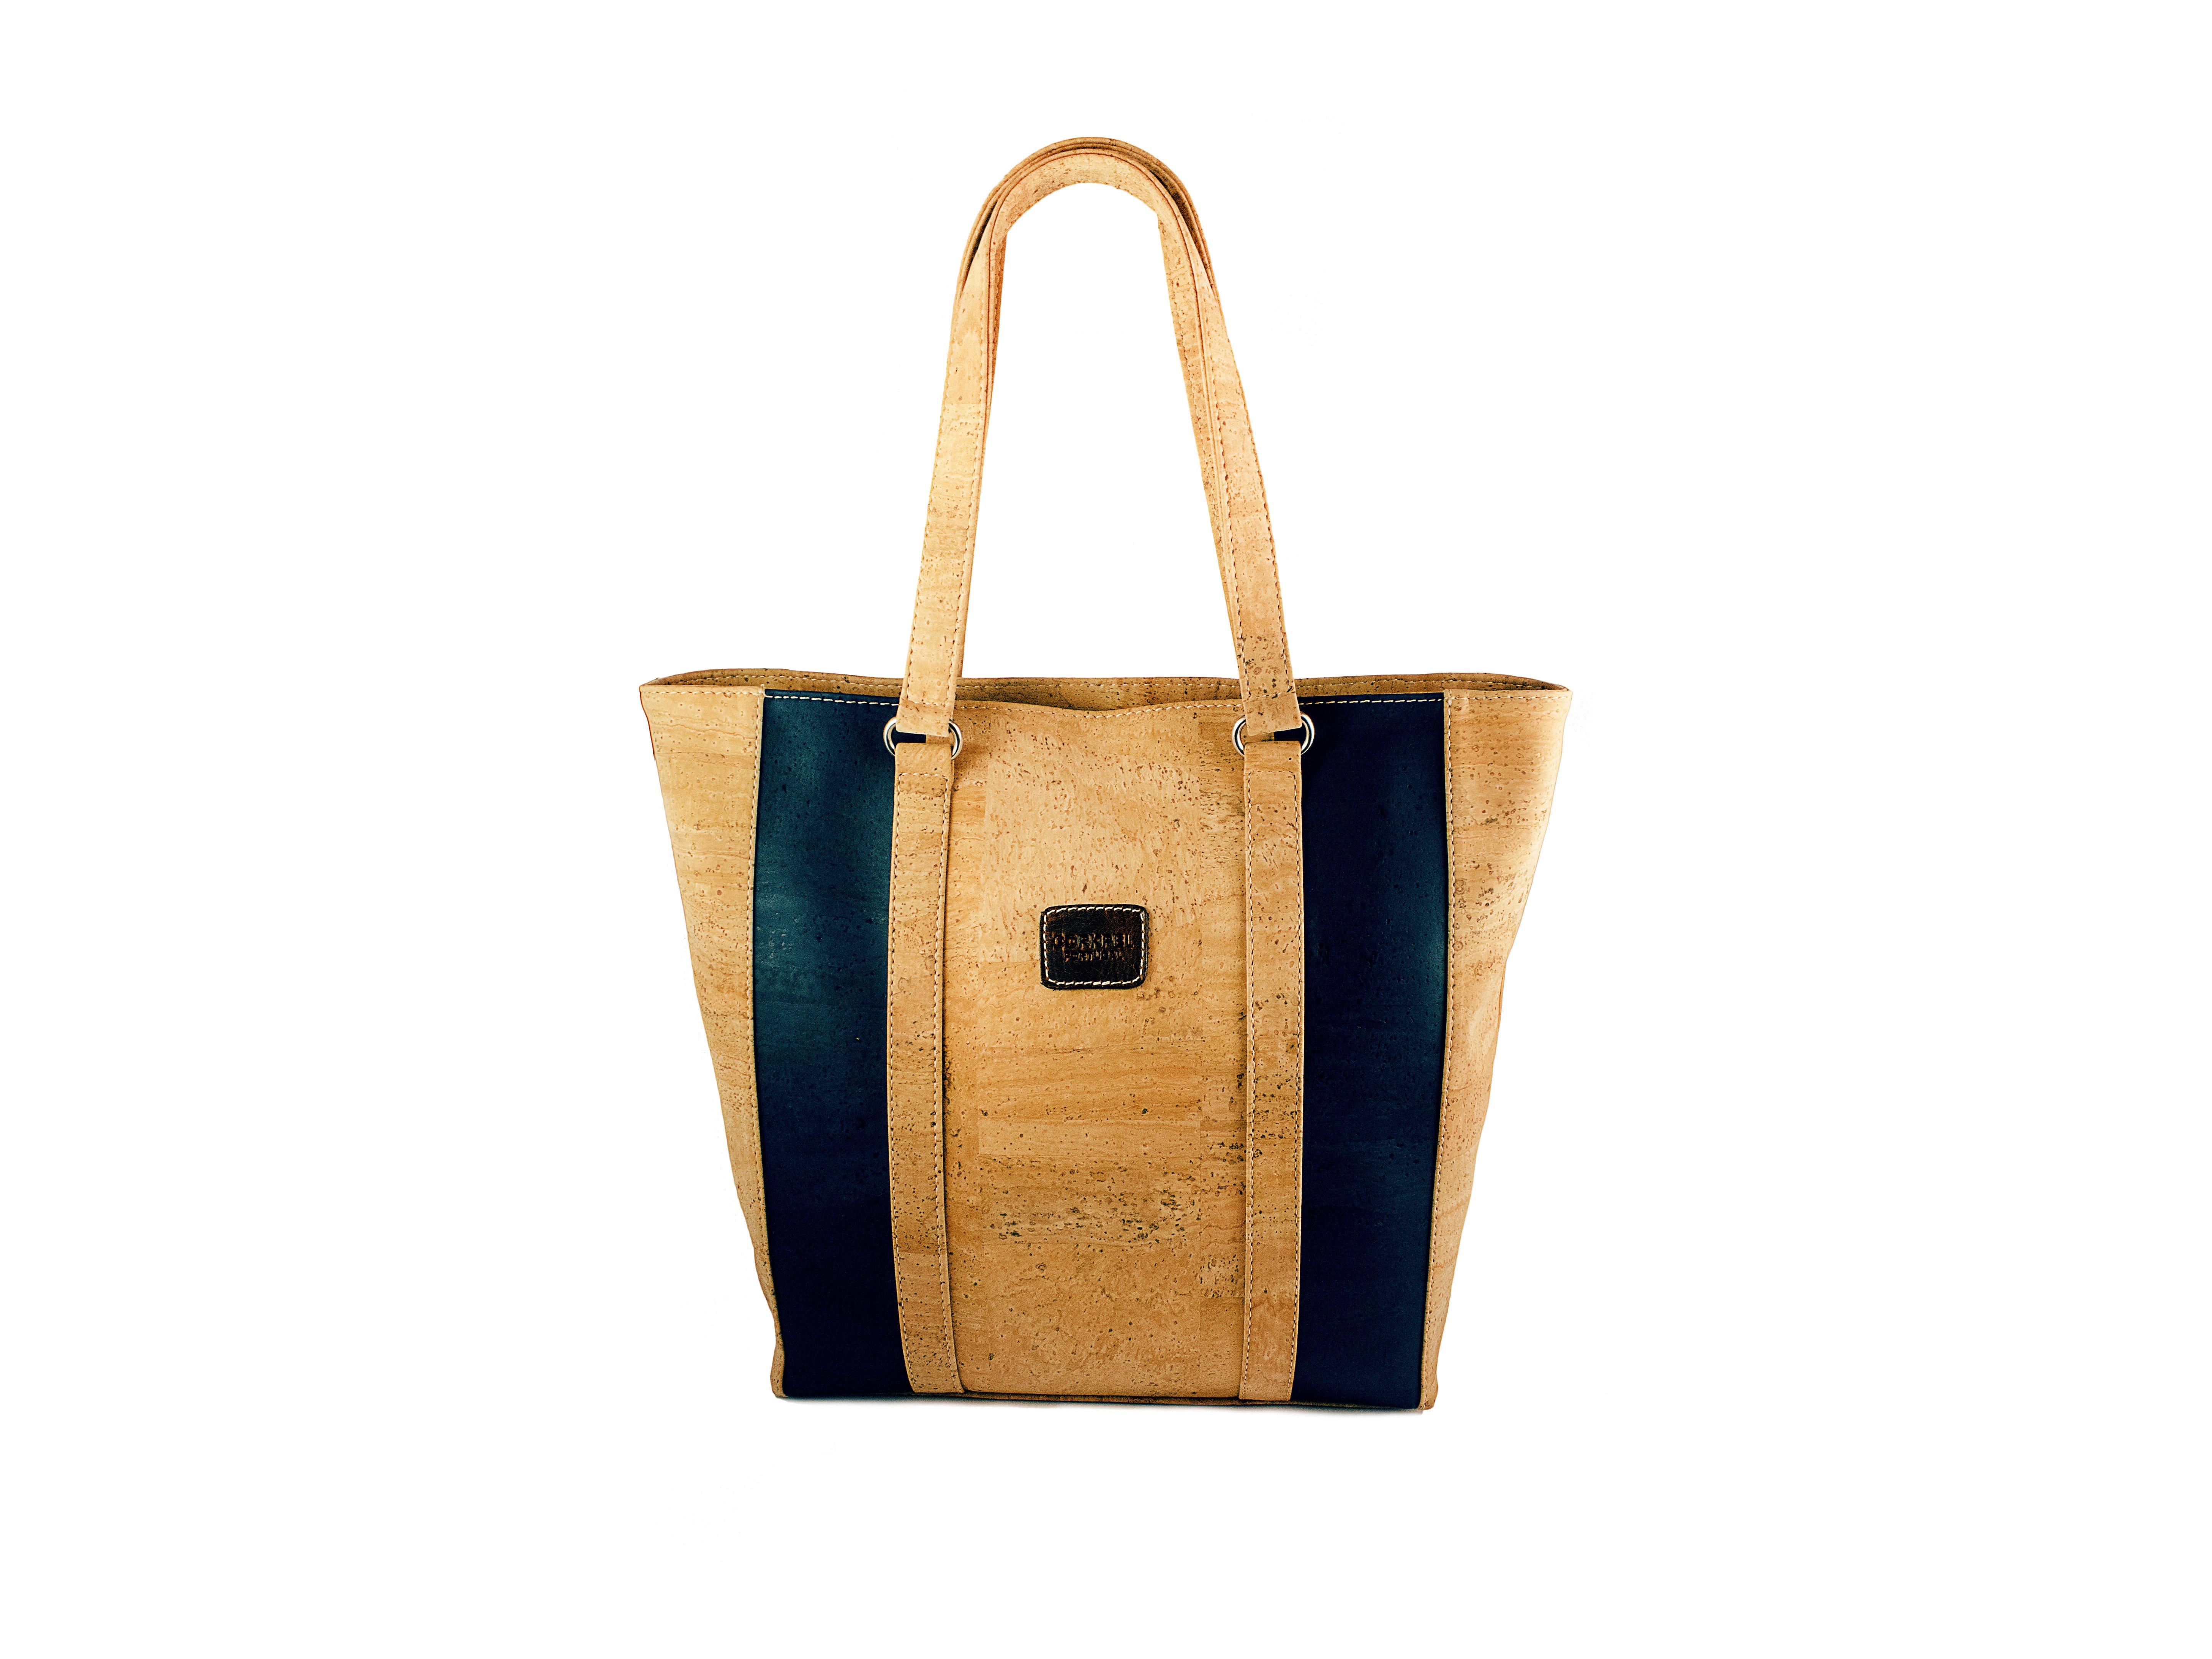 Buy cork bag 0bl. Buy cork bag 0bl in Spain. Buy cork bag 0bl in Portugal. Buy cork bag 0bl in the Canary Islands